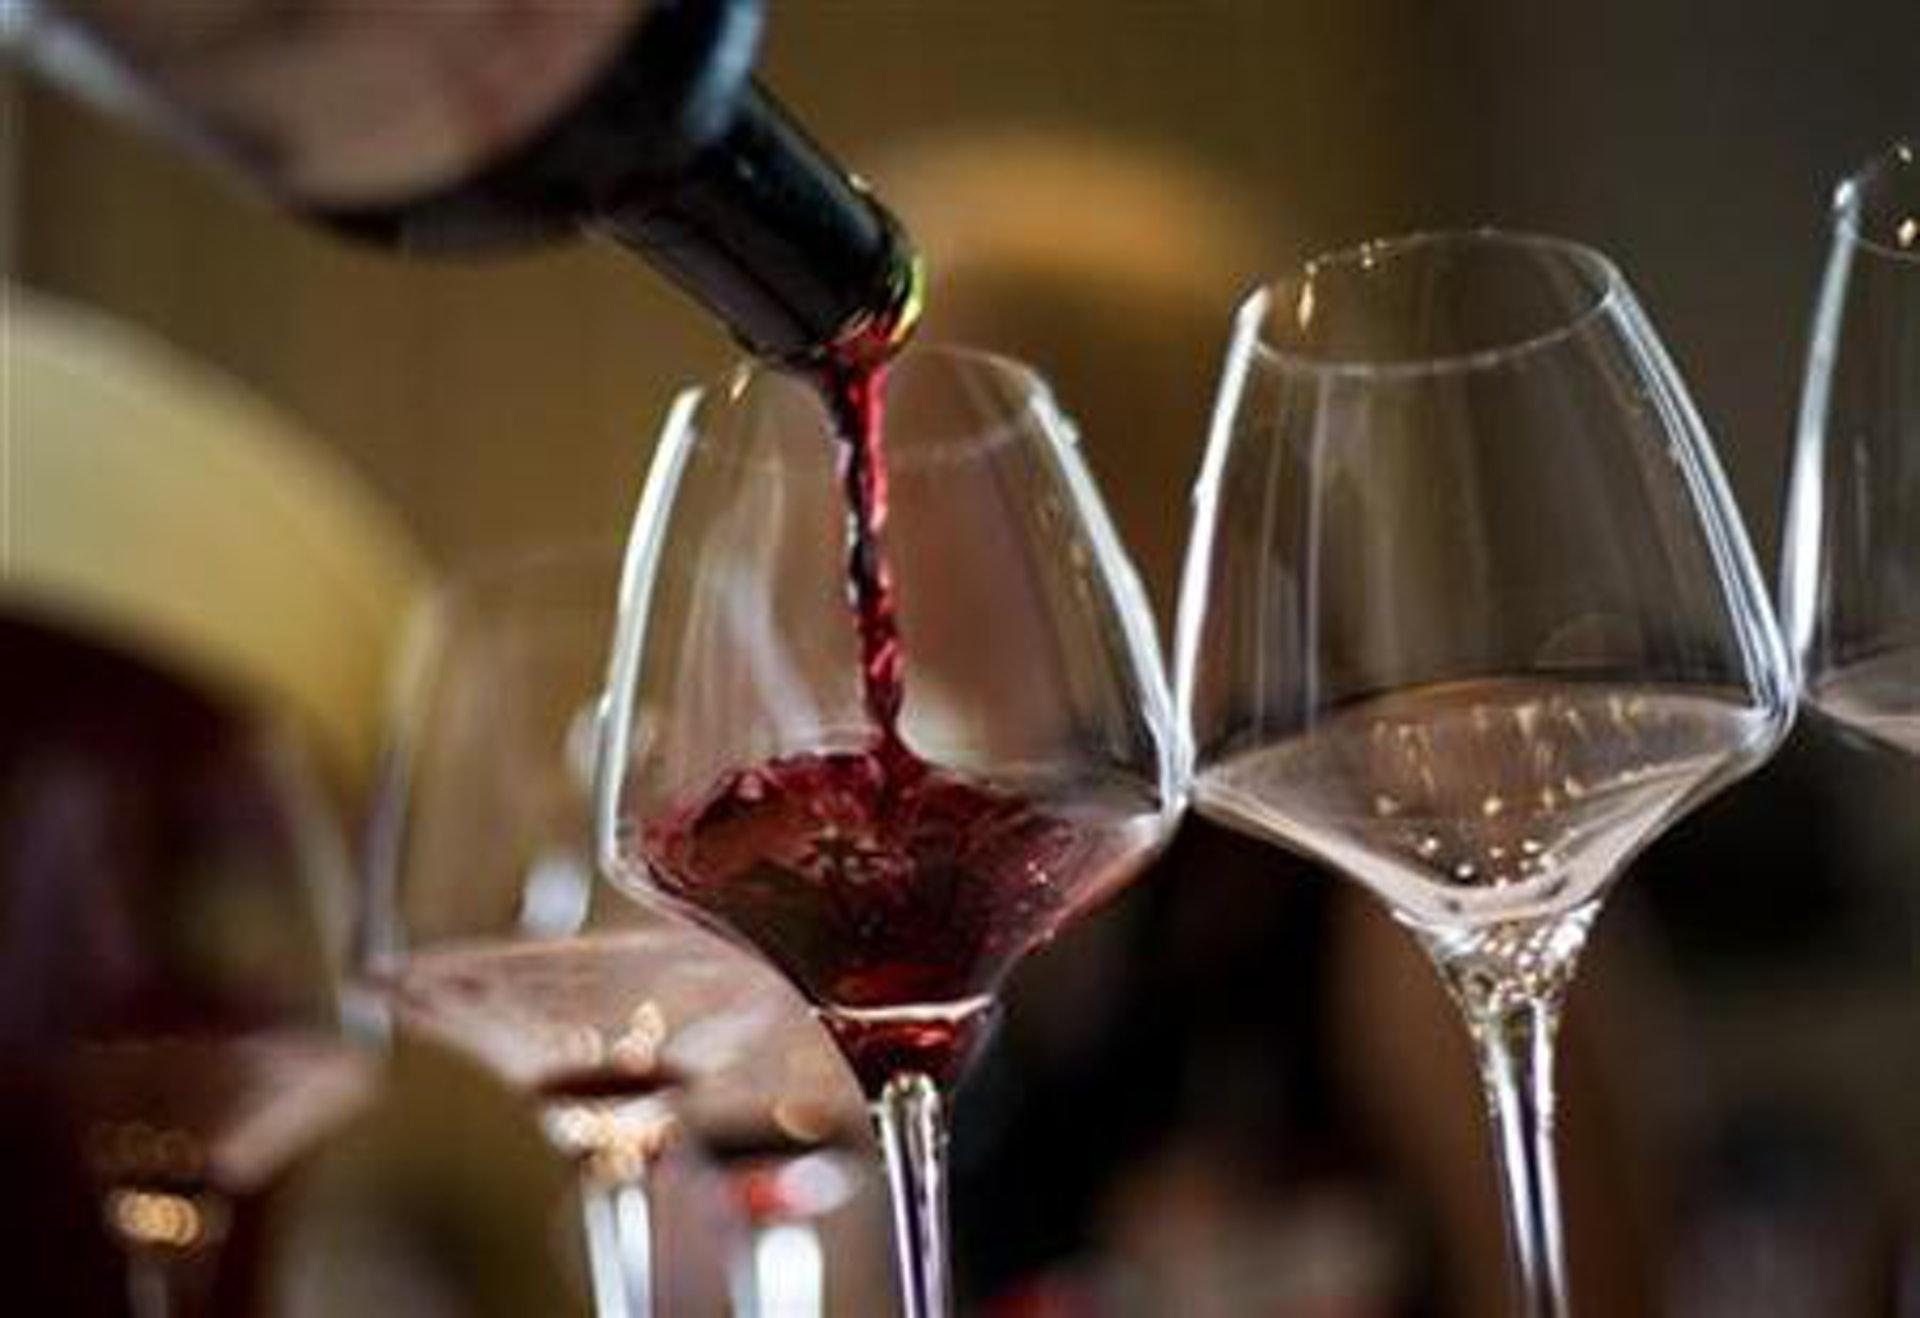 8月18日,中國商務部宣布對原產於澳洲的葡萄酒進行反傾銷調查。 (Reuters)